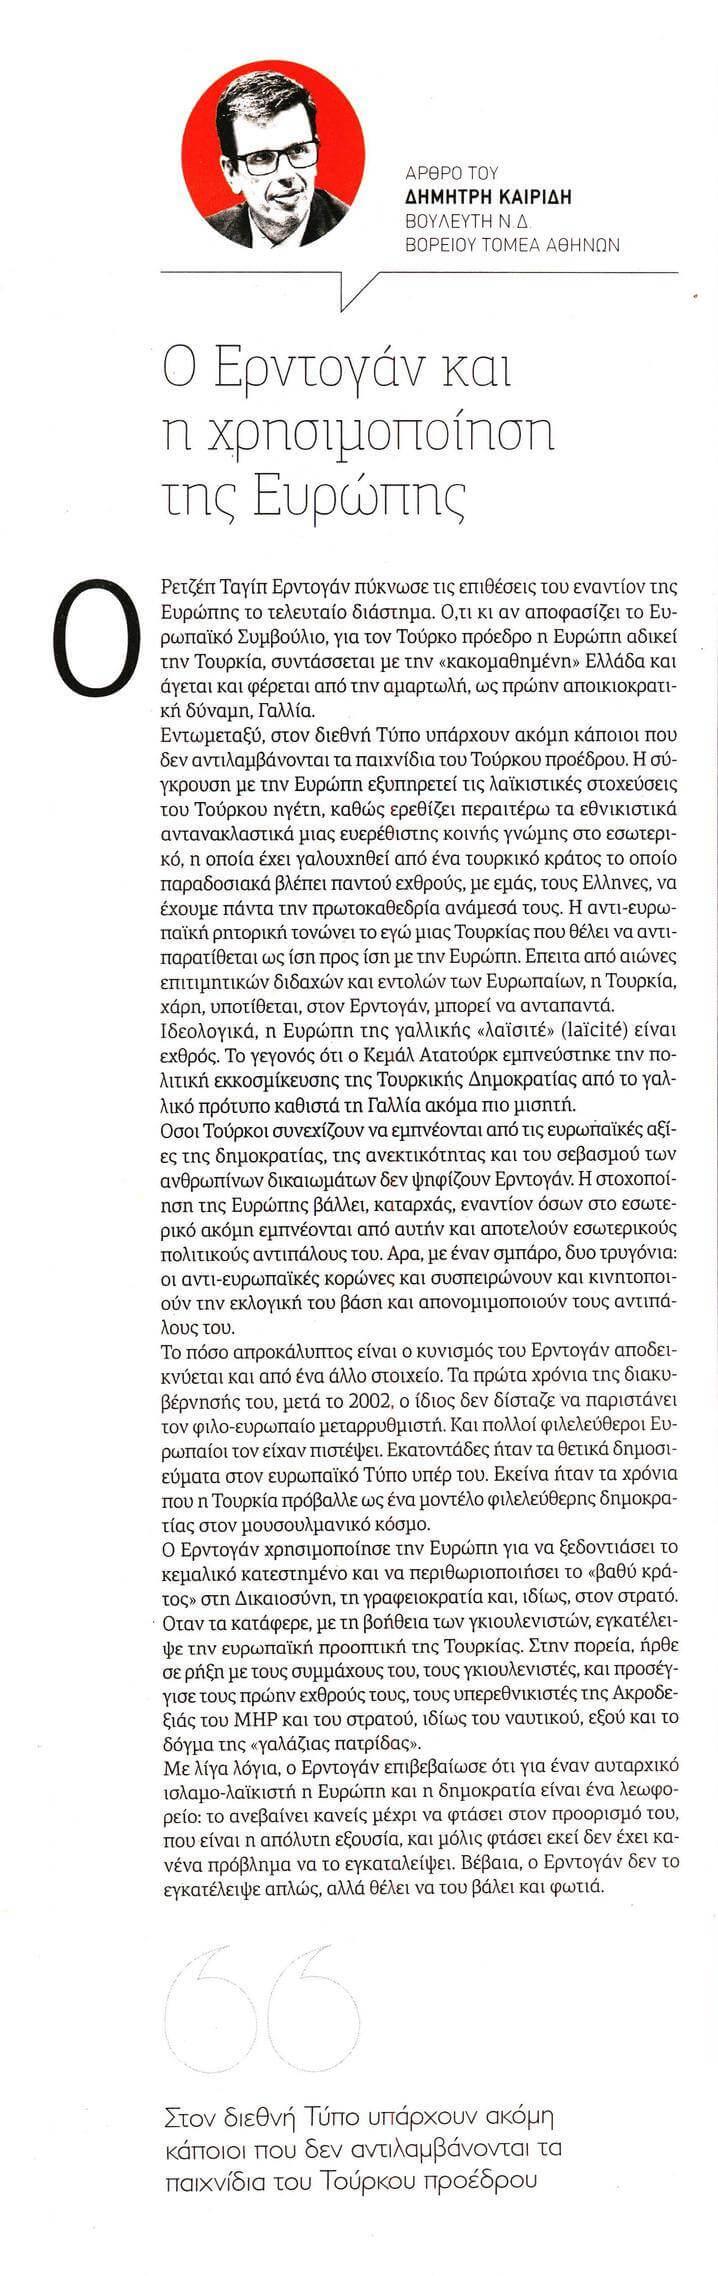 Ο Ερντογάν και η χρησιμοποίηση της Ευρώπης (Παραπολιτικά, 12.12.2020)